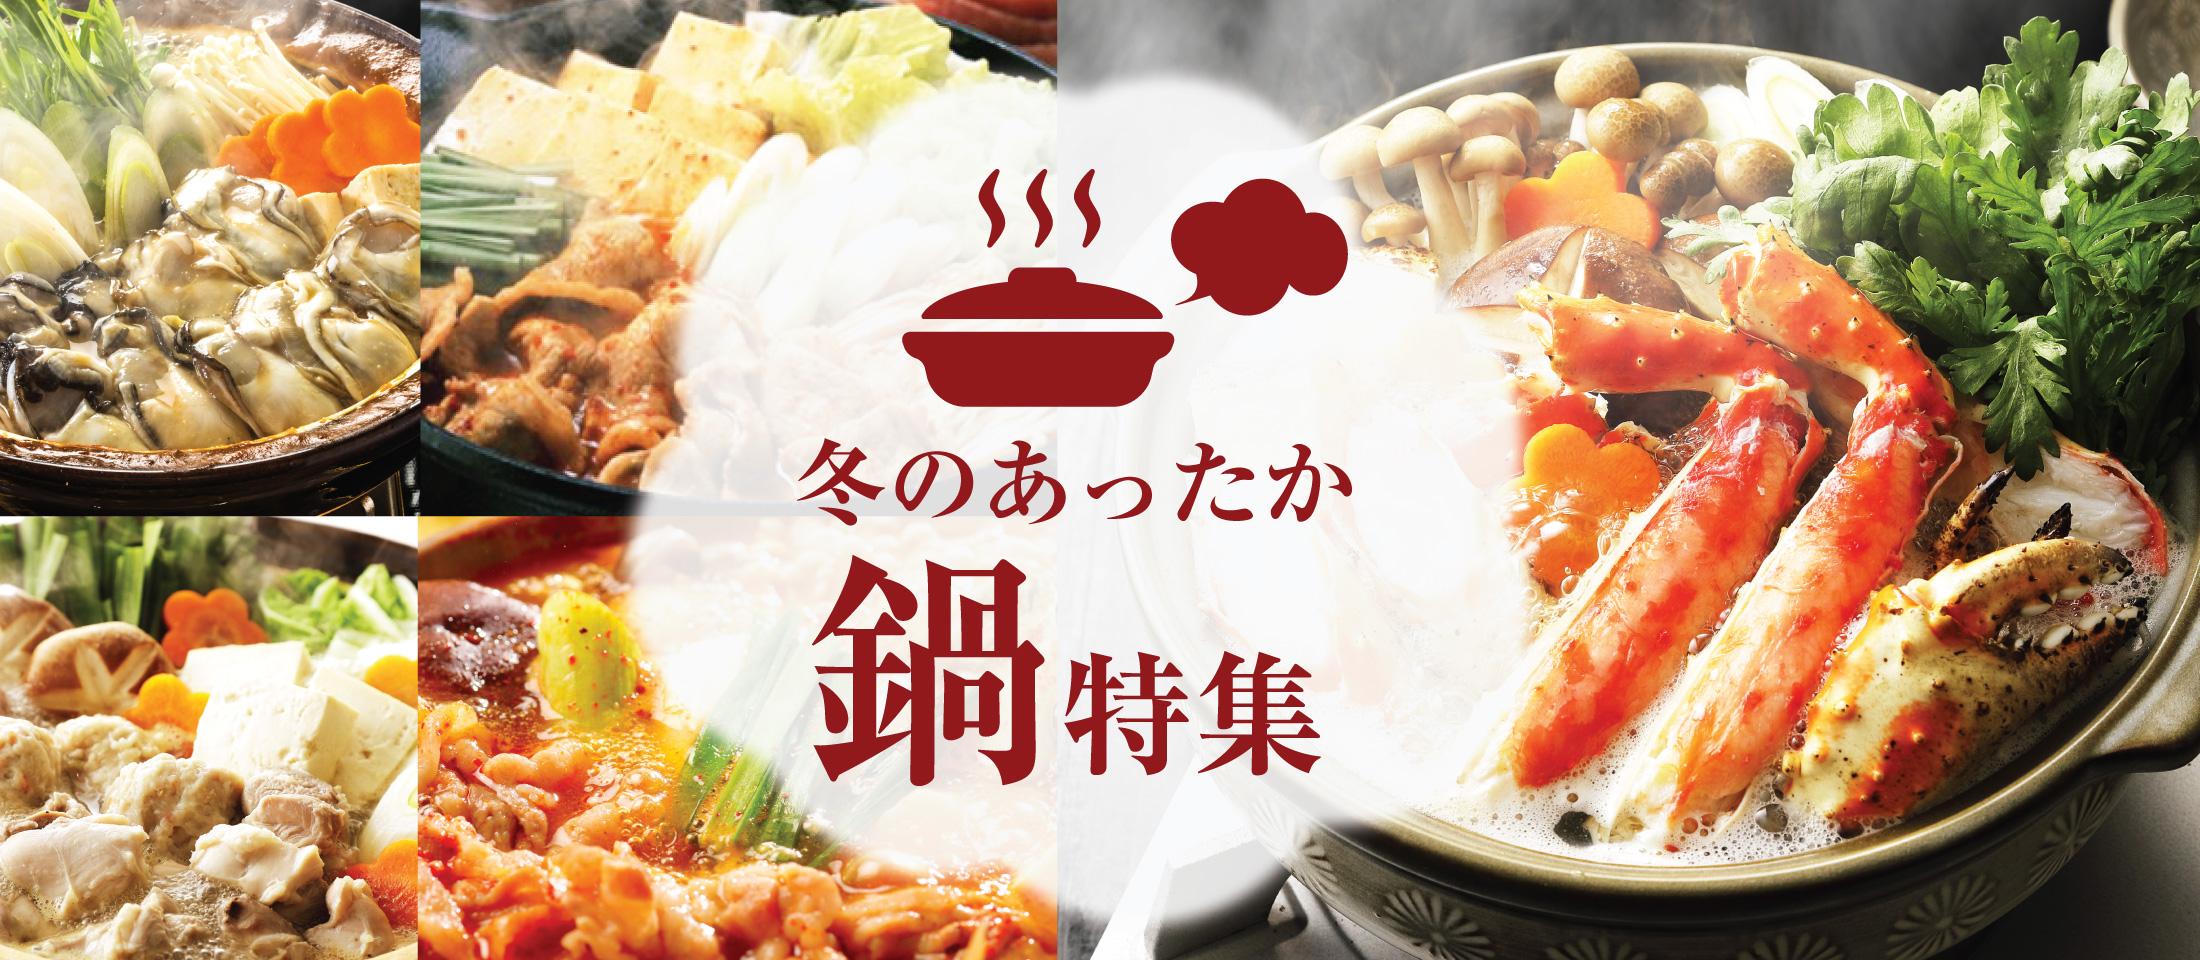 鍋特集  業務用食品・冷凍食品の通販 |ナカヤマフーズ